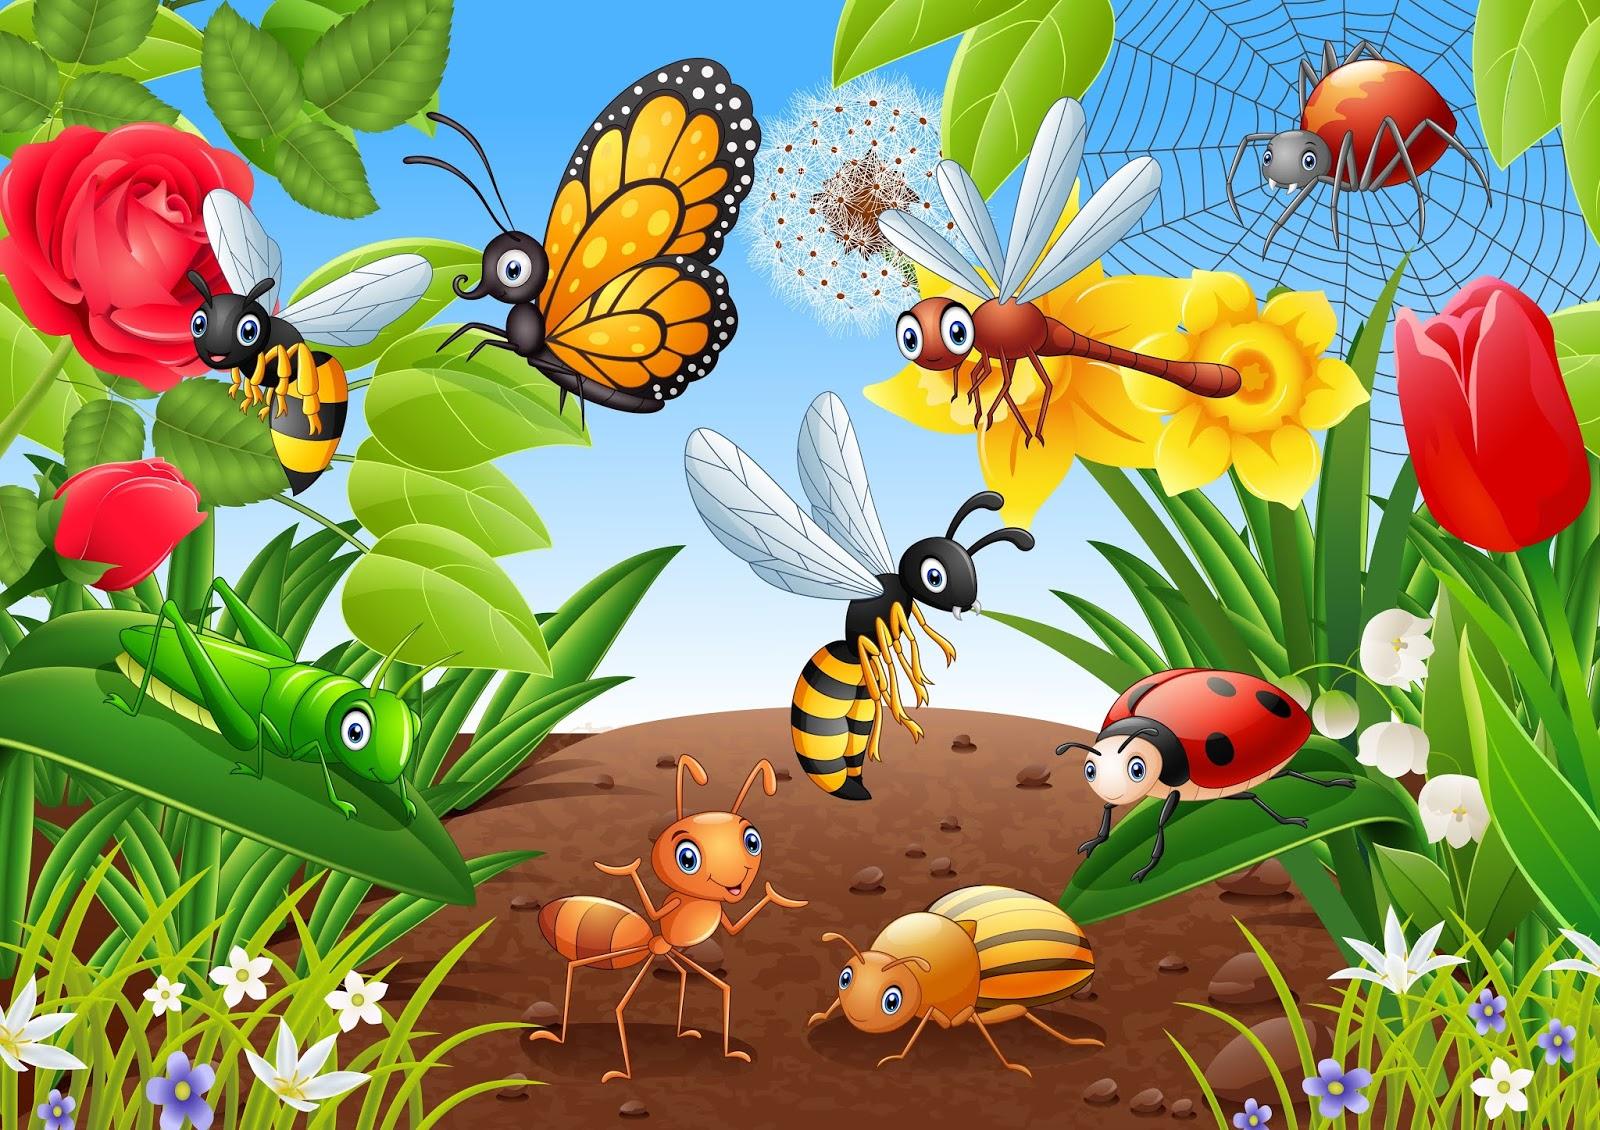 Картинка луг с насекомыми для детей